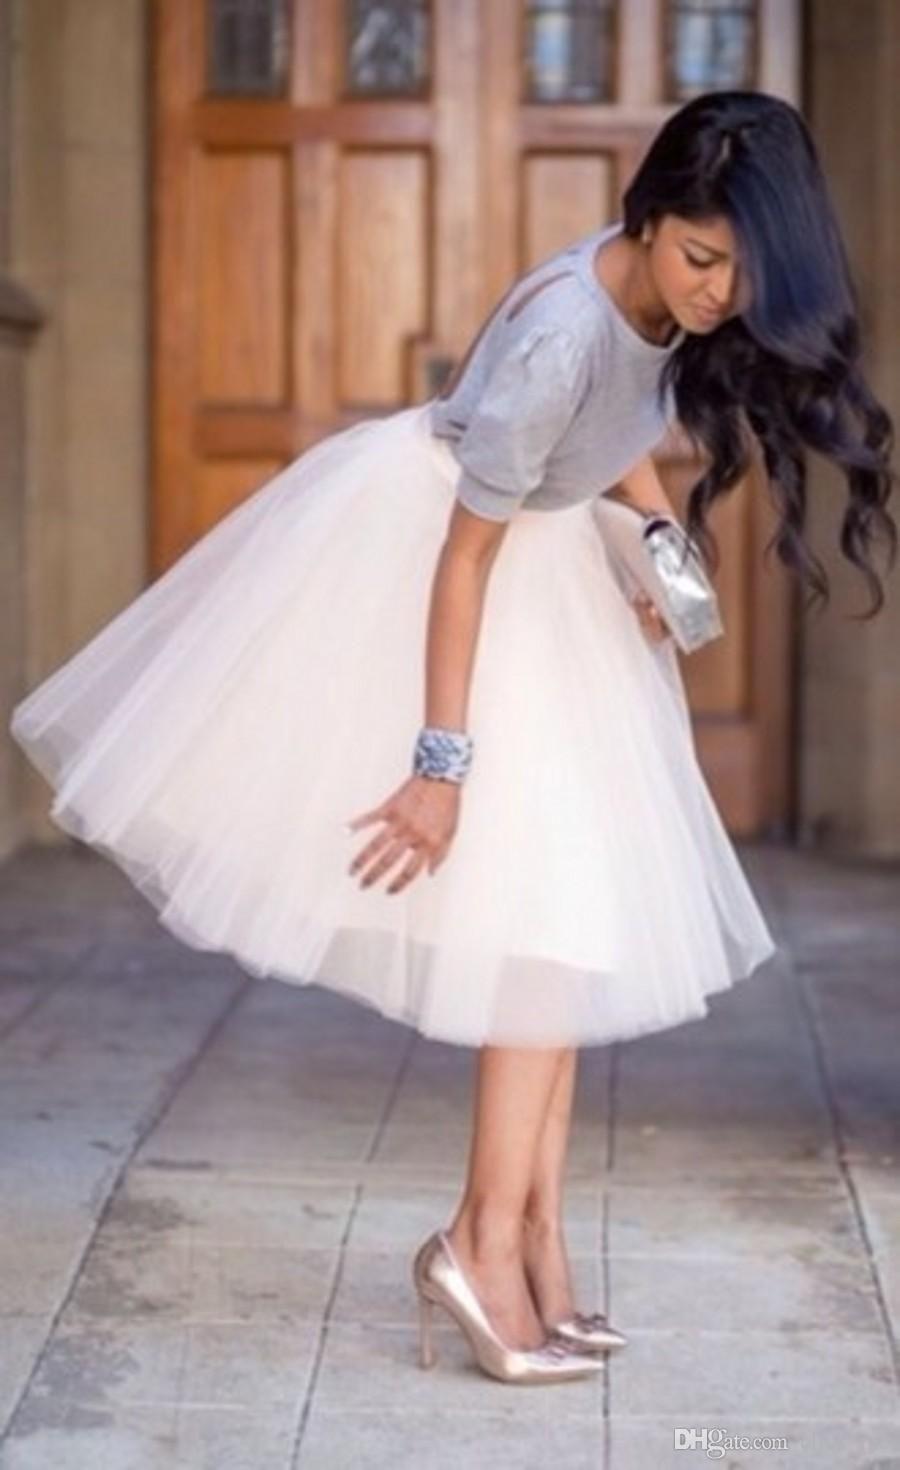 Tulle Knee Length Women Dress Soft Gauze Cute Bouffant Skirt For Wedding Party Hot Princess Chea Rehearsal Dinner Dresses Wedding Guest Dress White Tulle Skirt [ 1470 x 900 Pixel ]